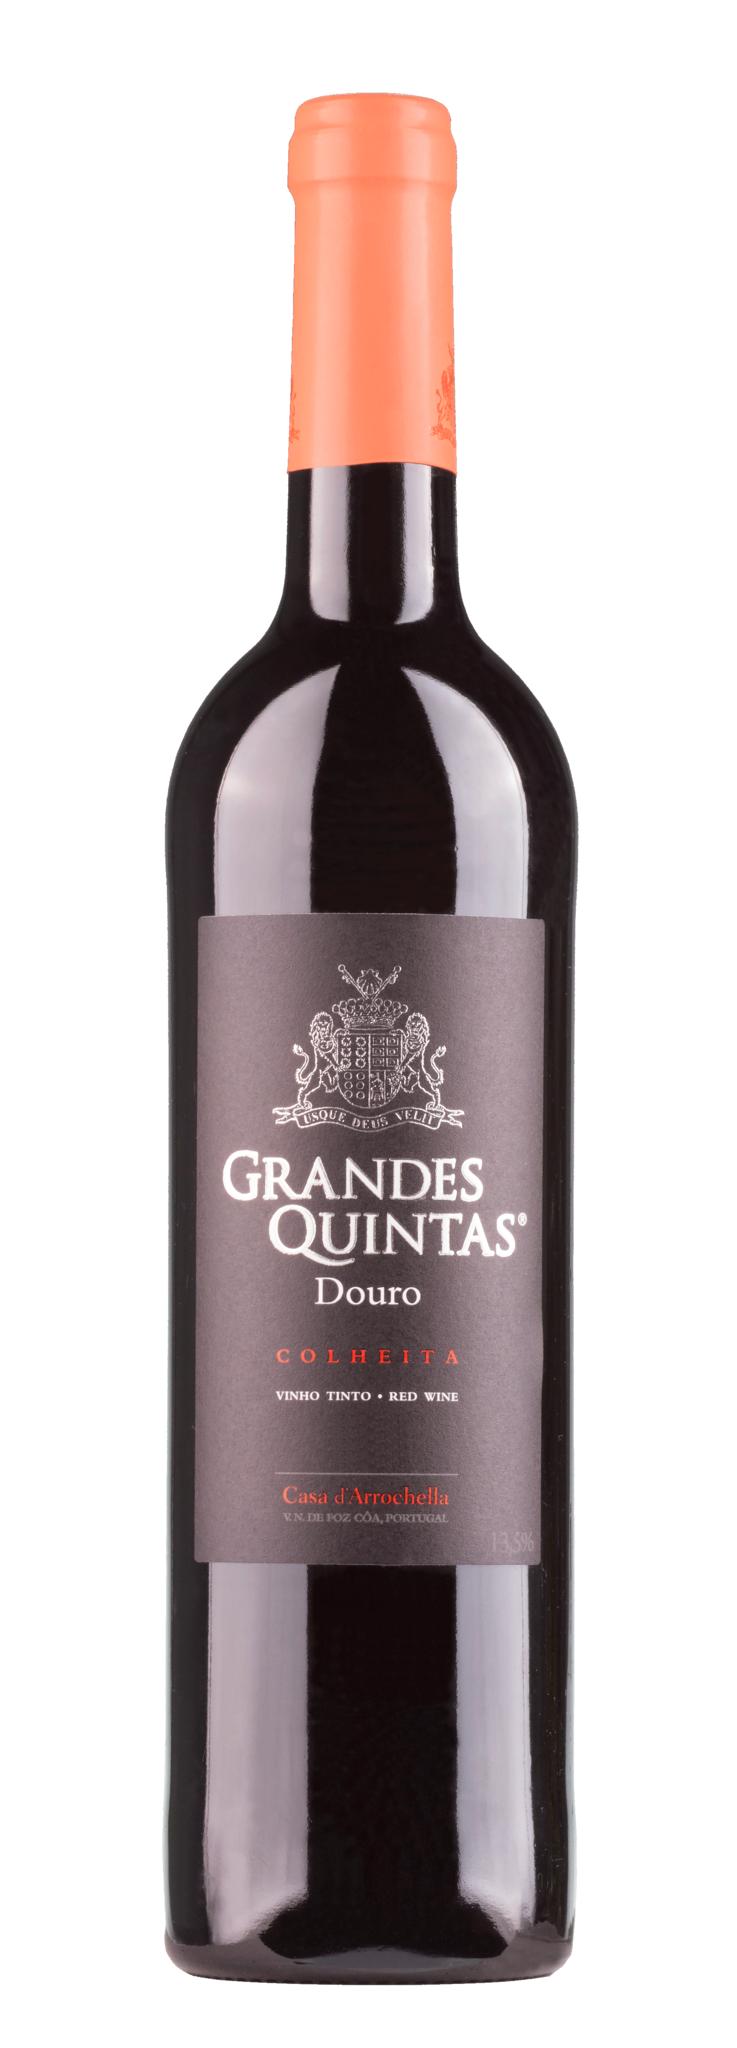 Portugal Diverse 2018 Douro Grandes Quintas, Casa d'Arrochella